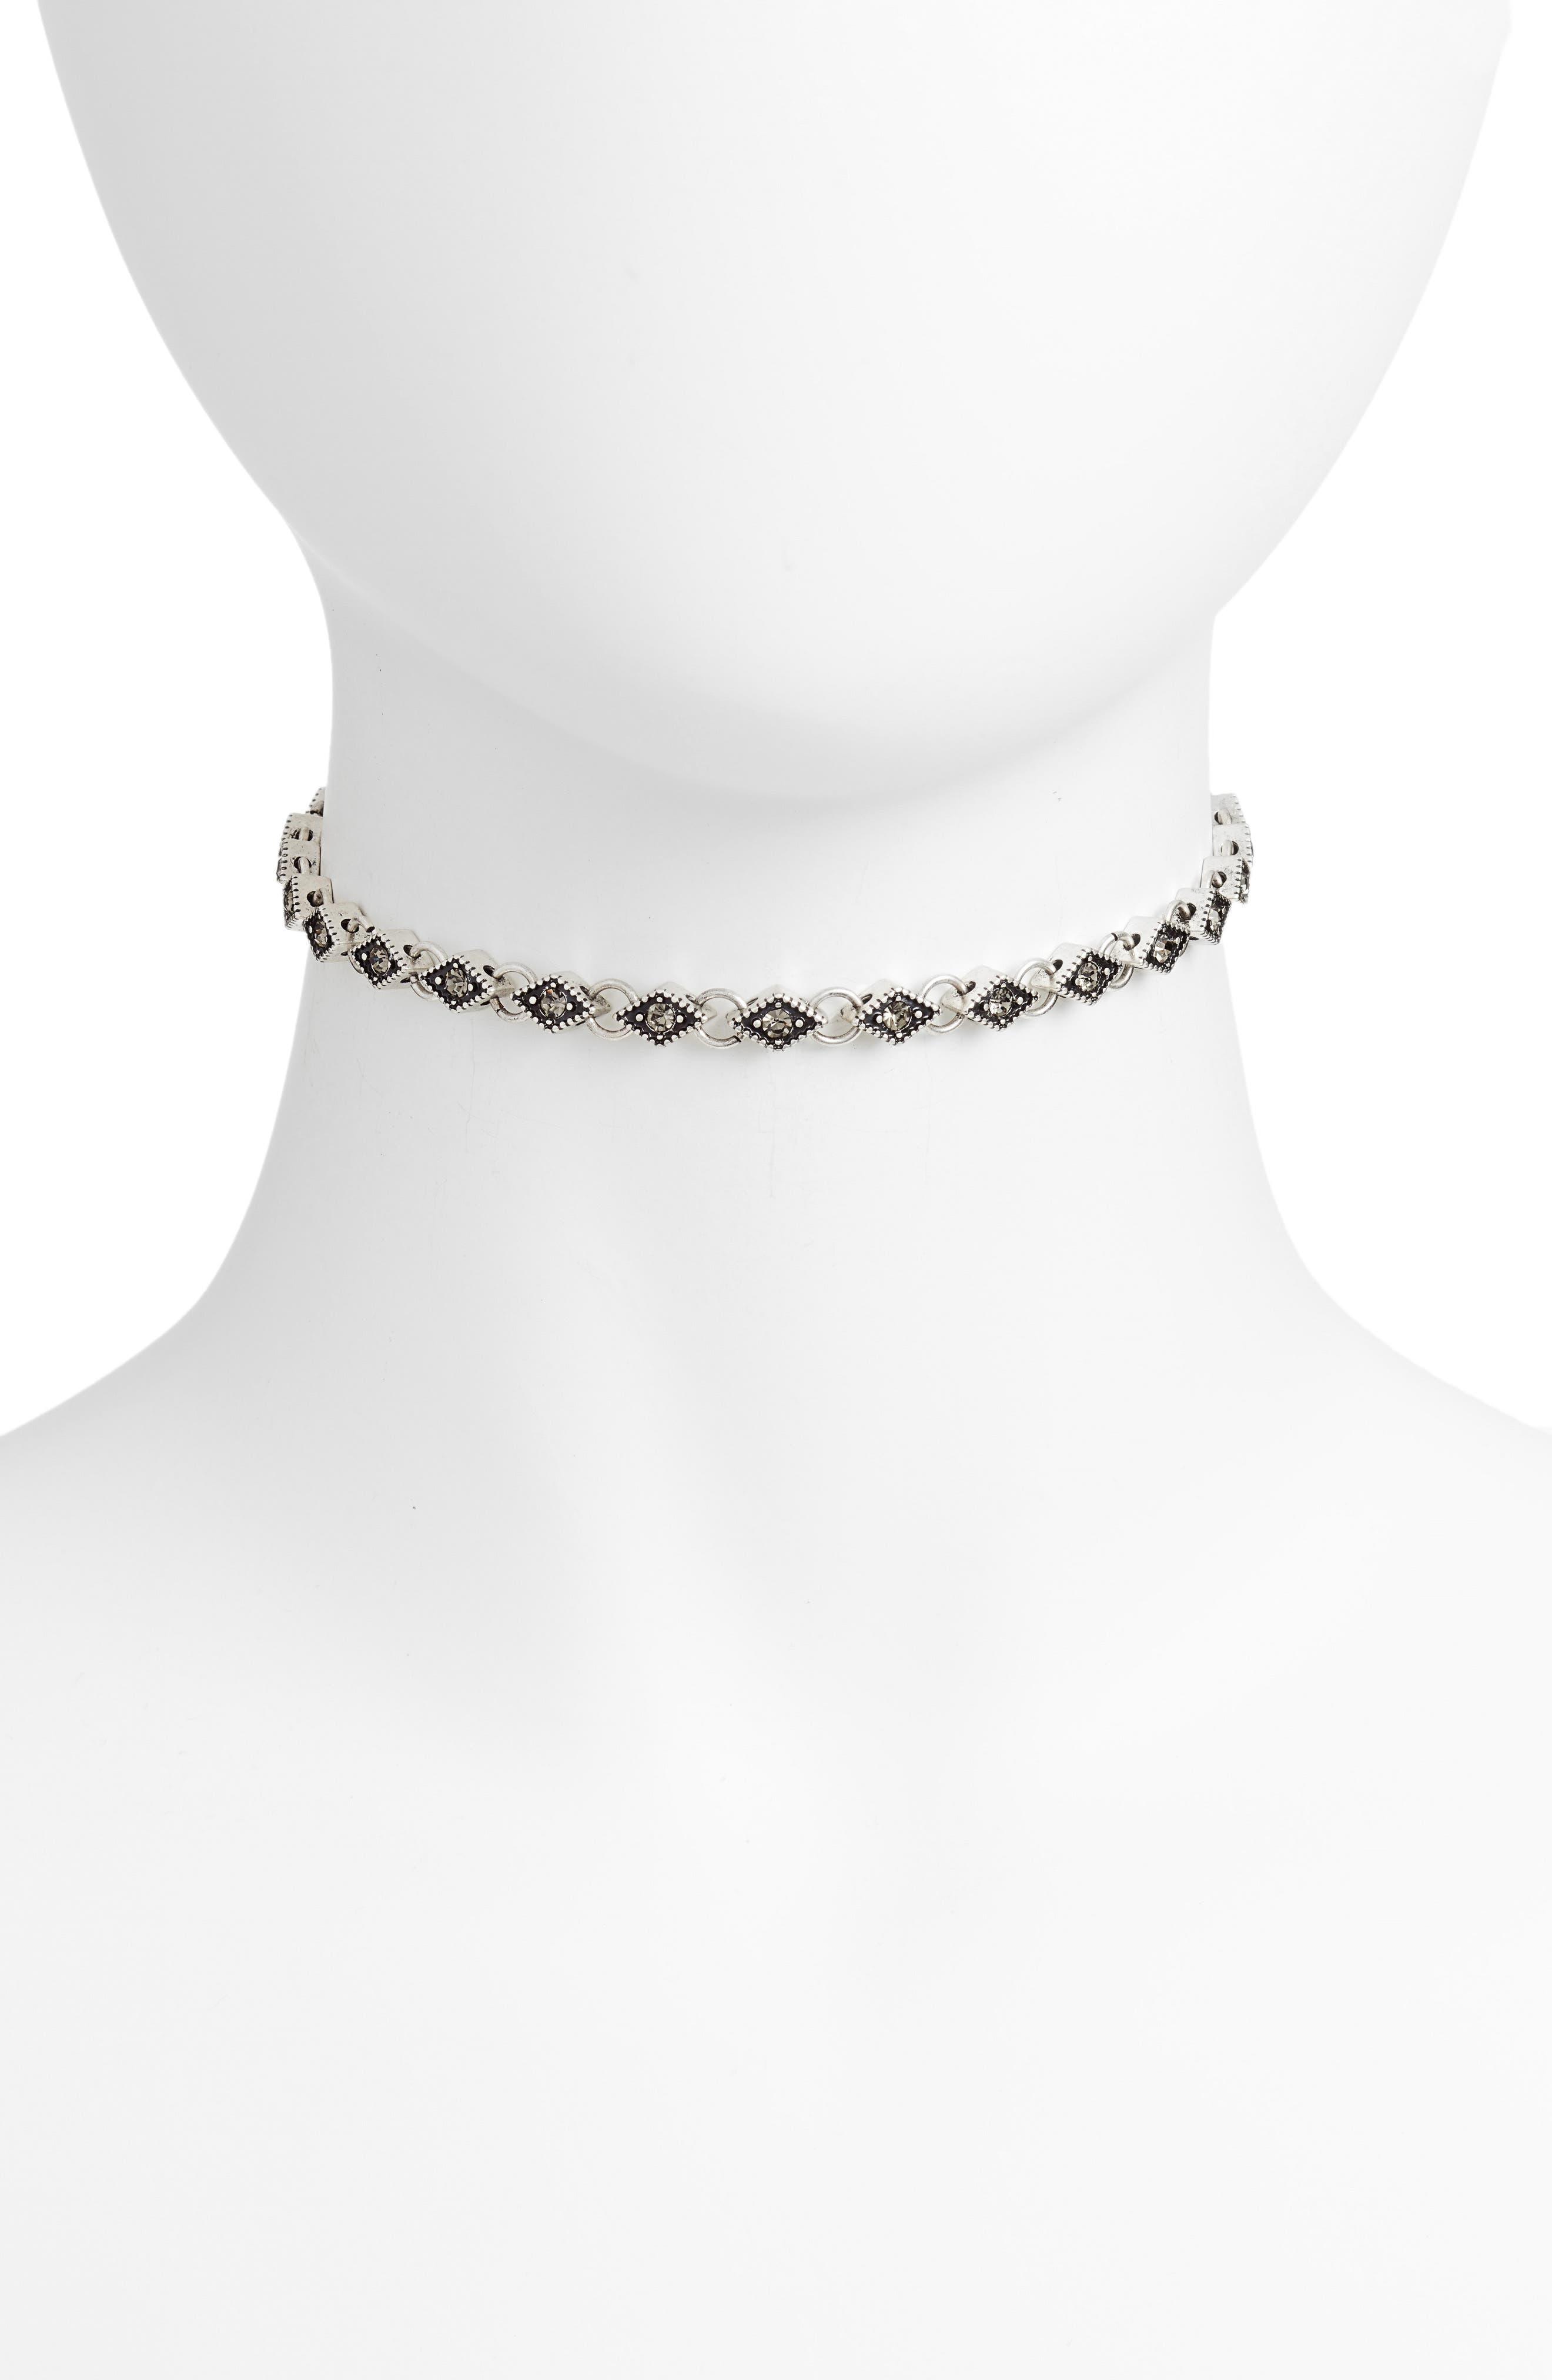 Diamond Choker Necklace,                         Main,                         color, Black Diamond- Rhodium